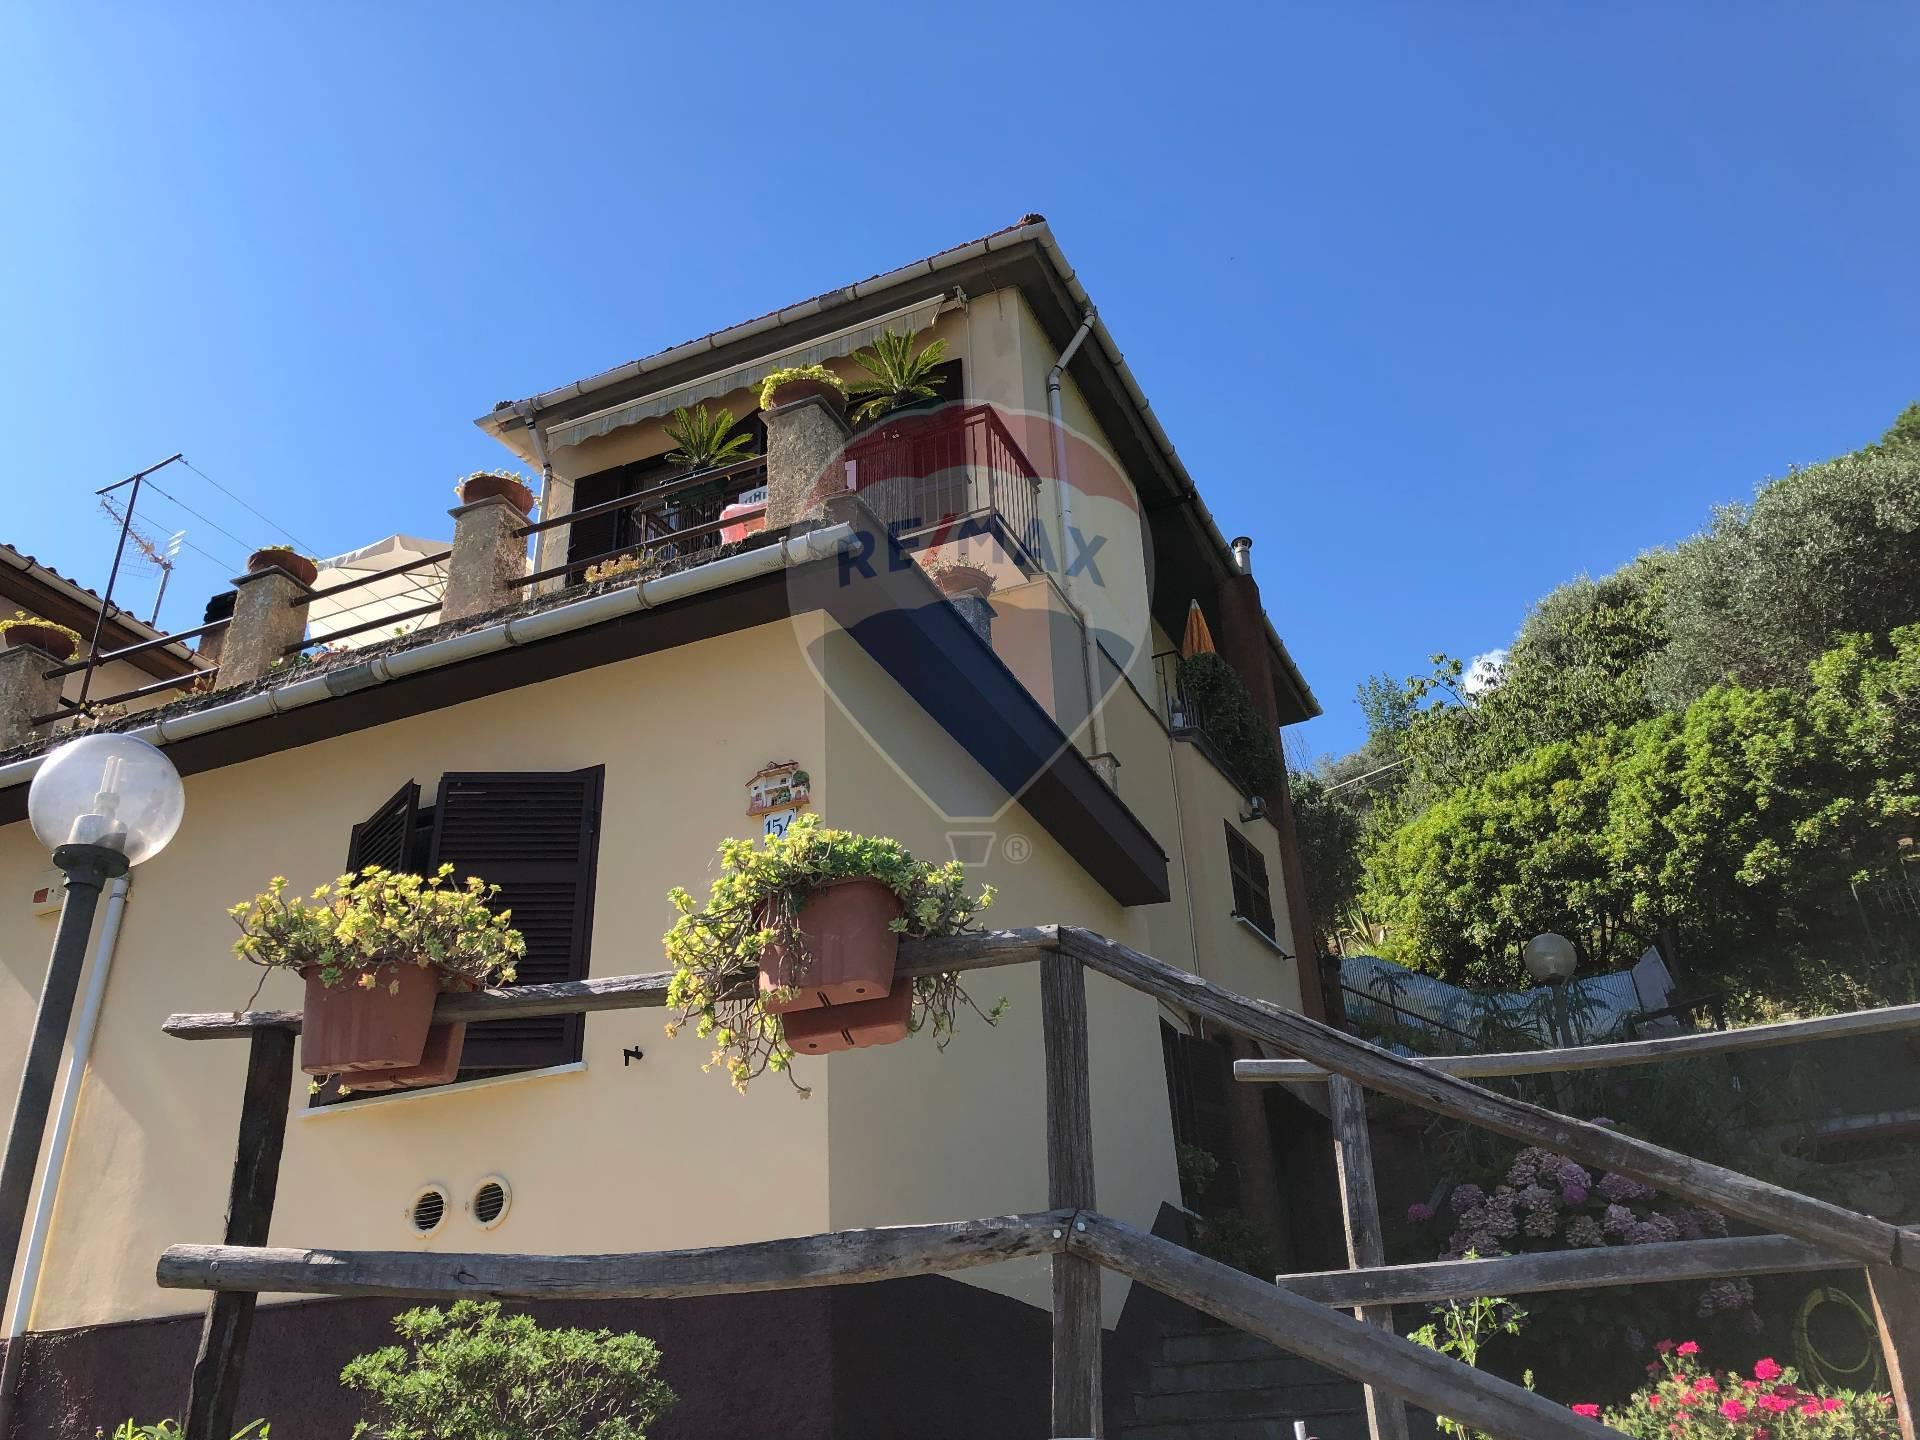 La Mia Cucina Varazze appartamenti in vendita a varazze in zona pero. cerca con